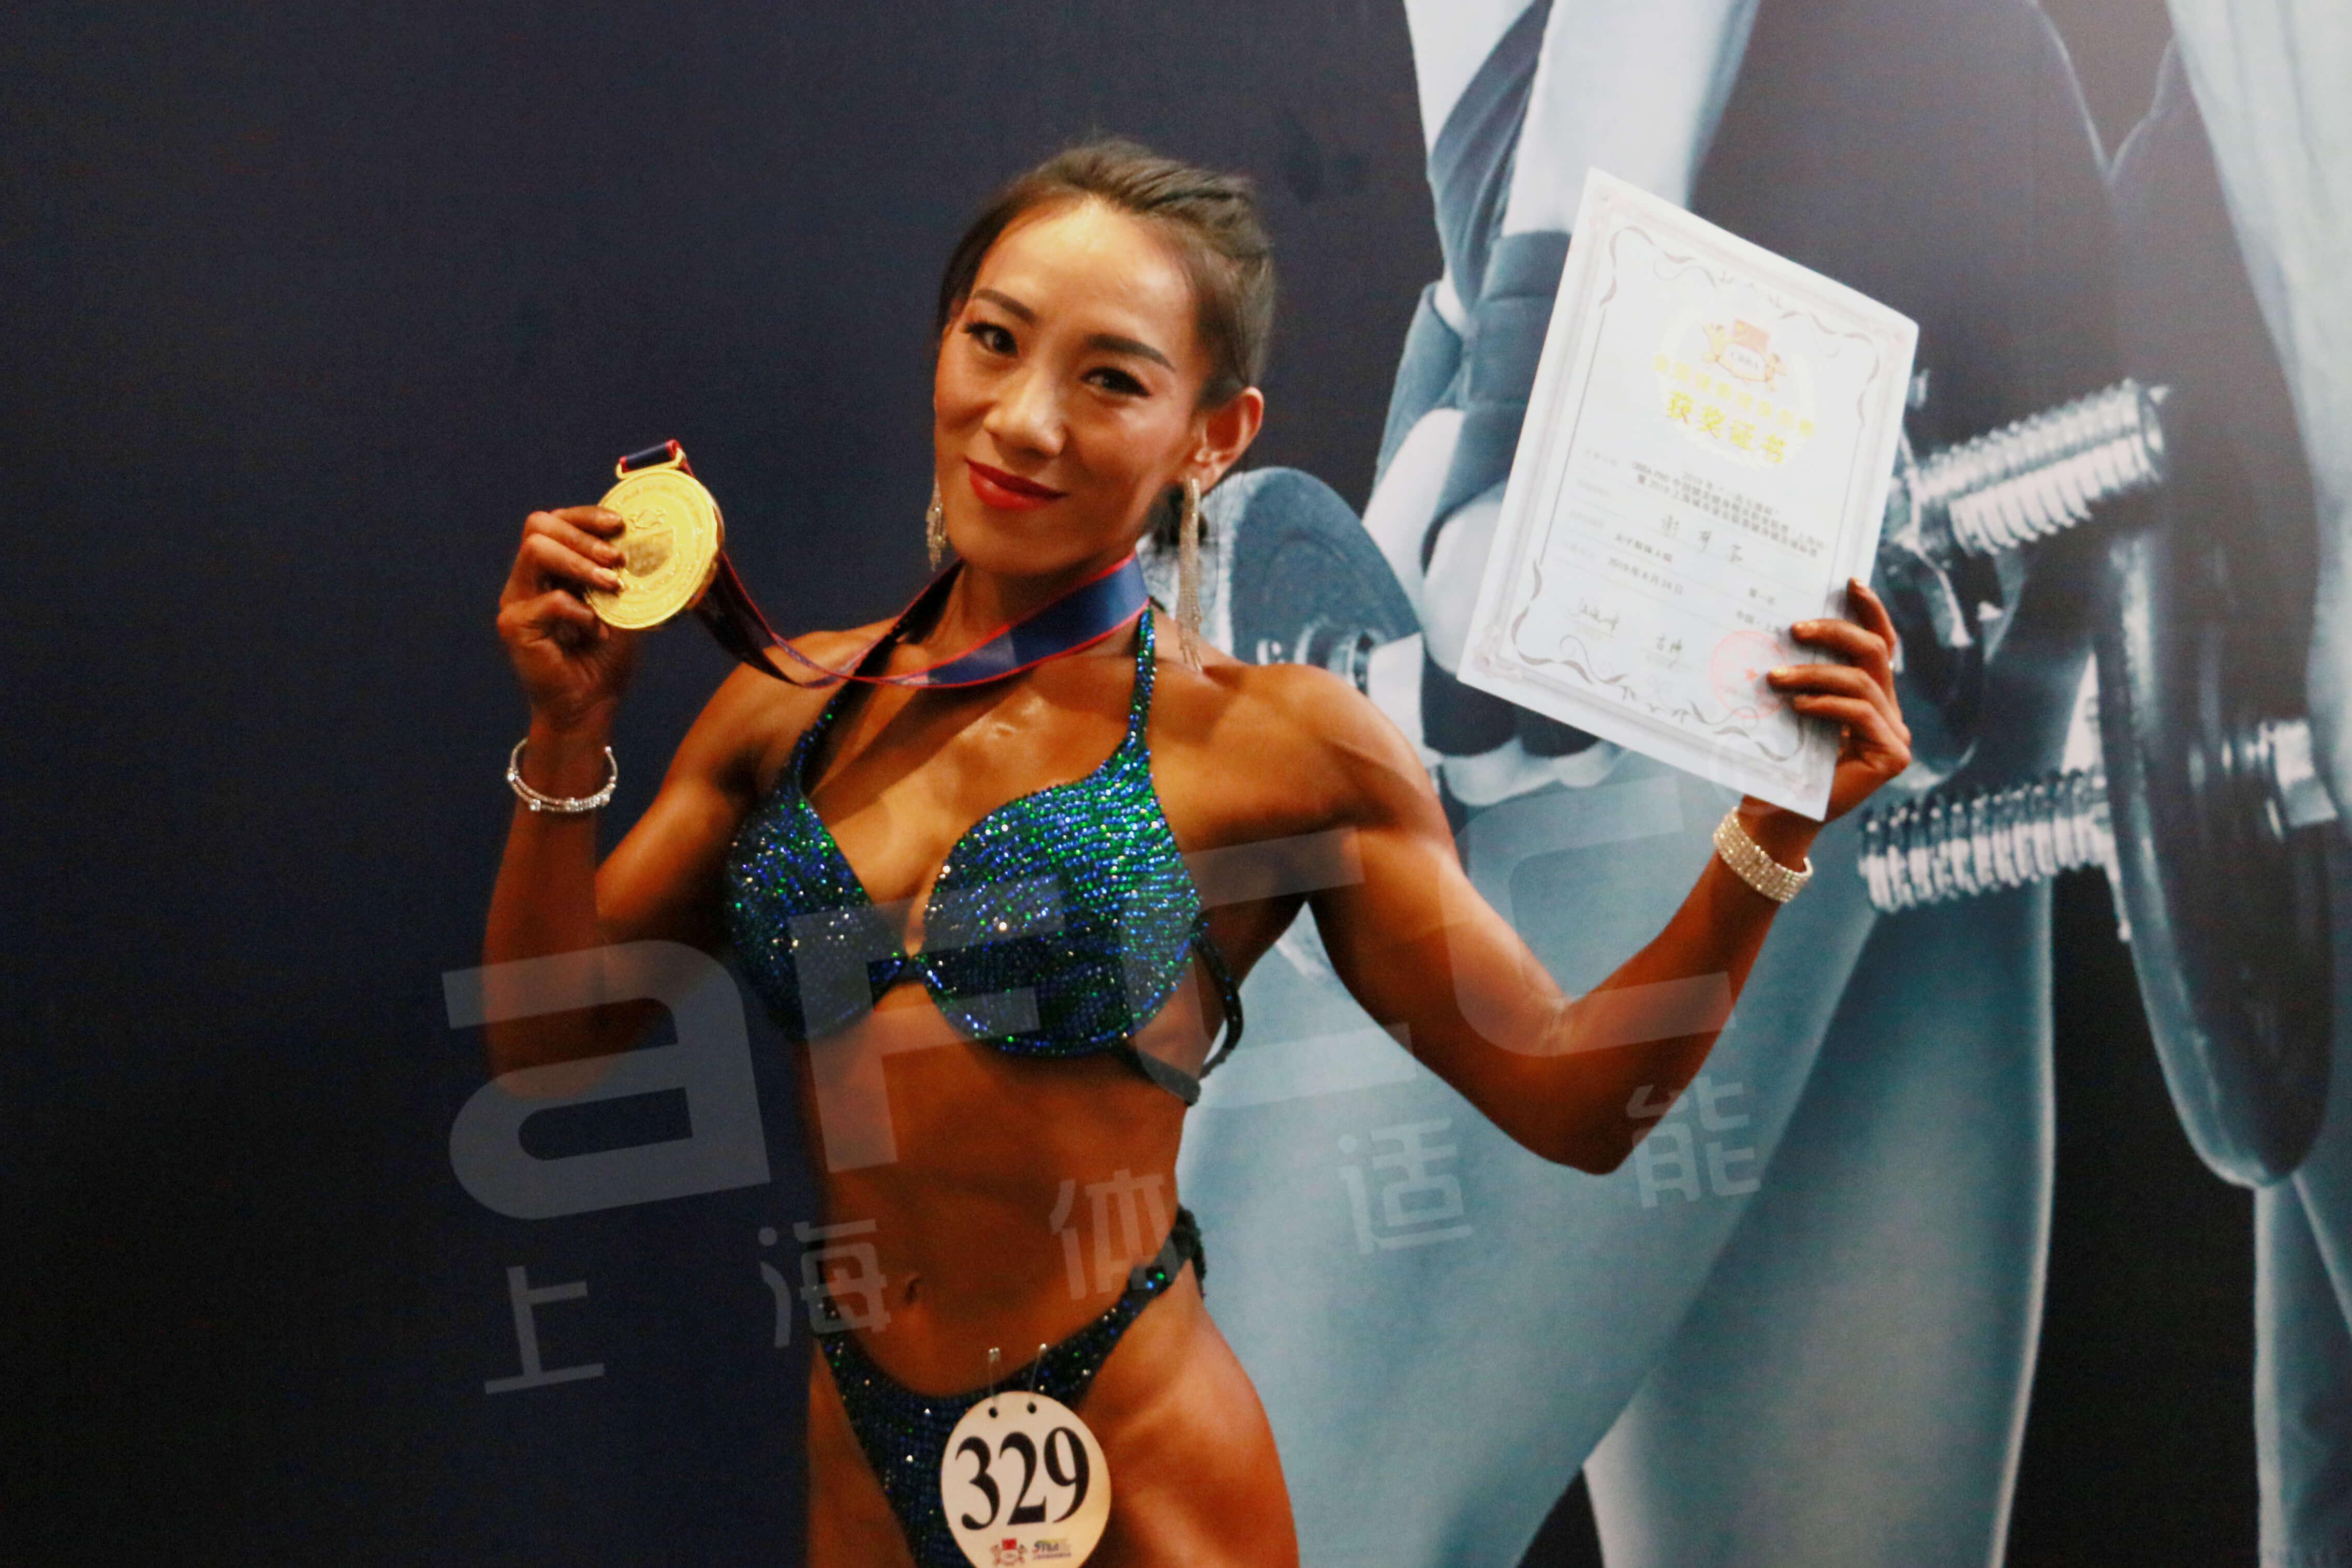 上海健身健美协会体适能健身学院代表队——谢梦茹女子形体A组 冠军